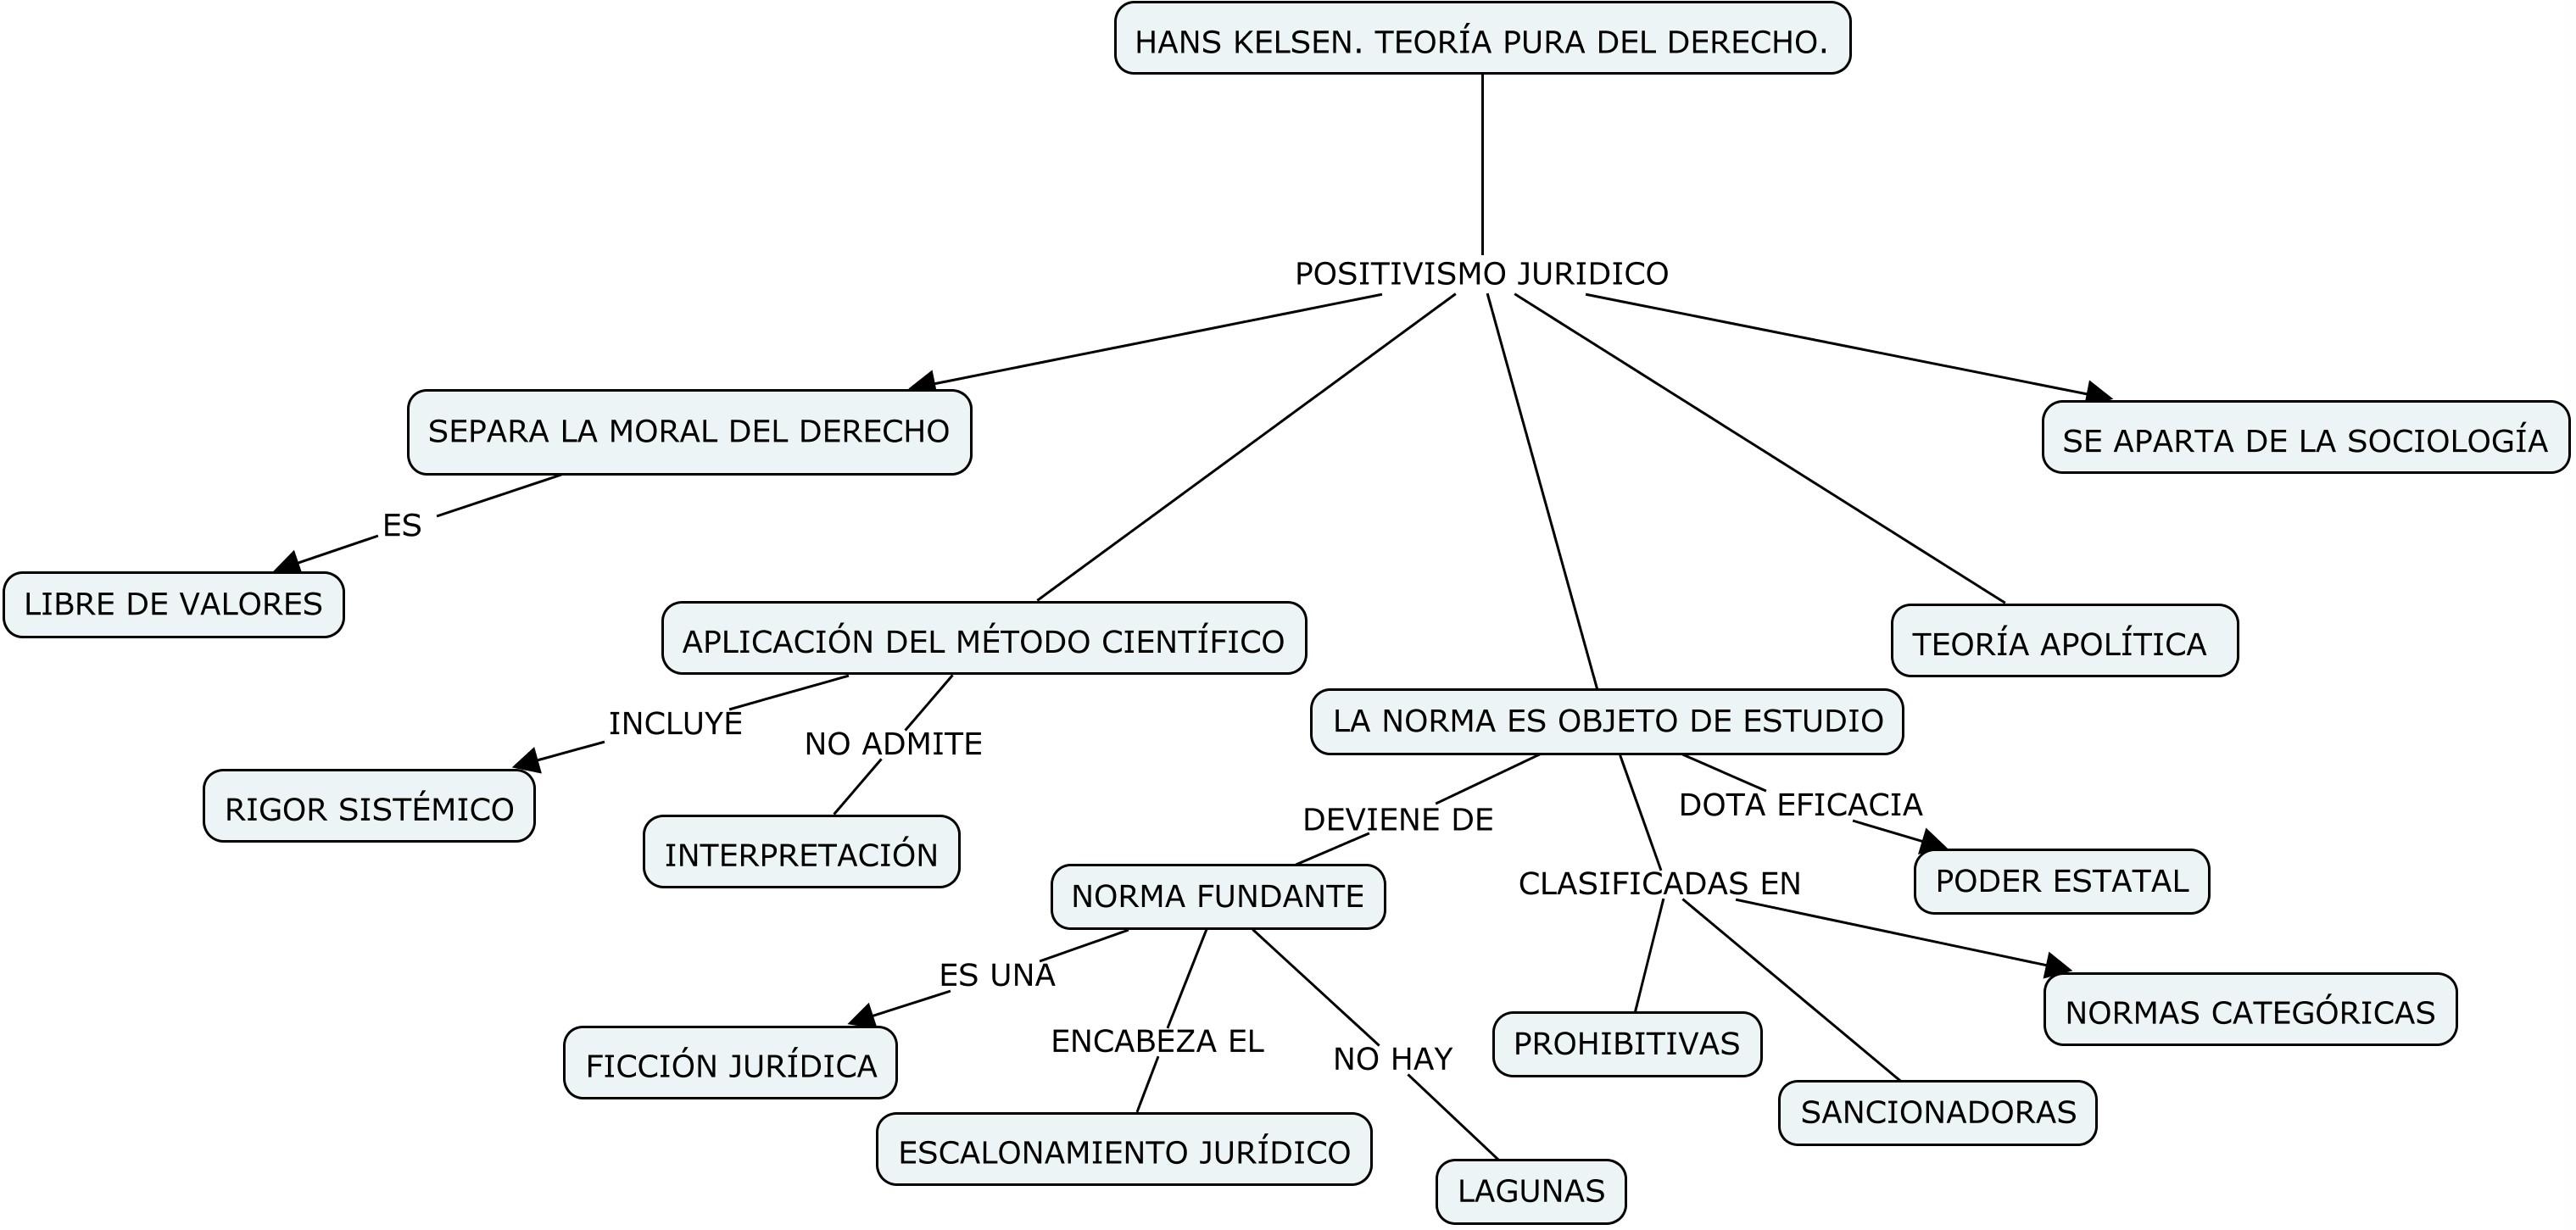 Las Bases Del Positivismo Jurídico En Hans Kelsen Y H L A